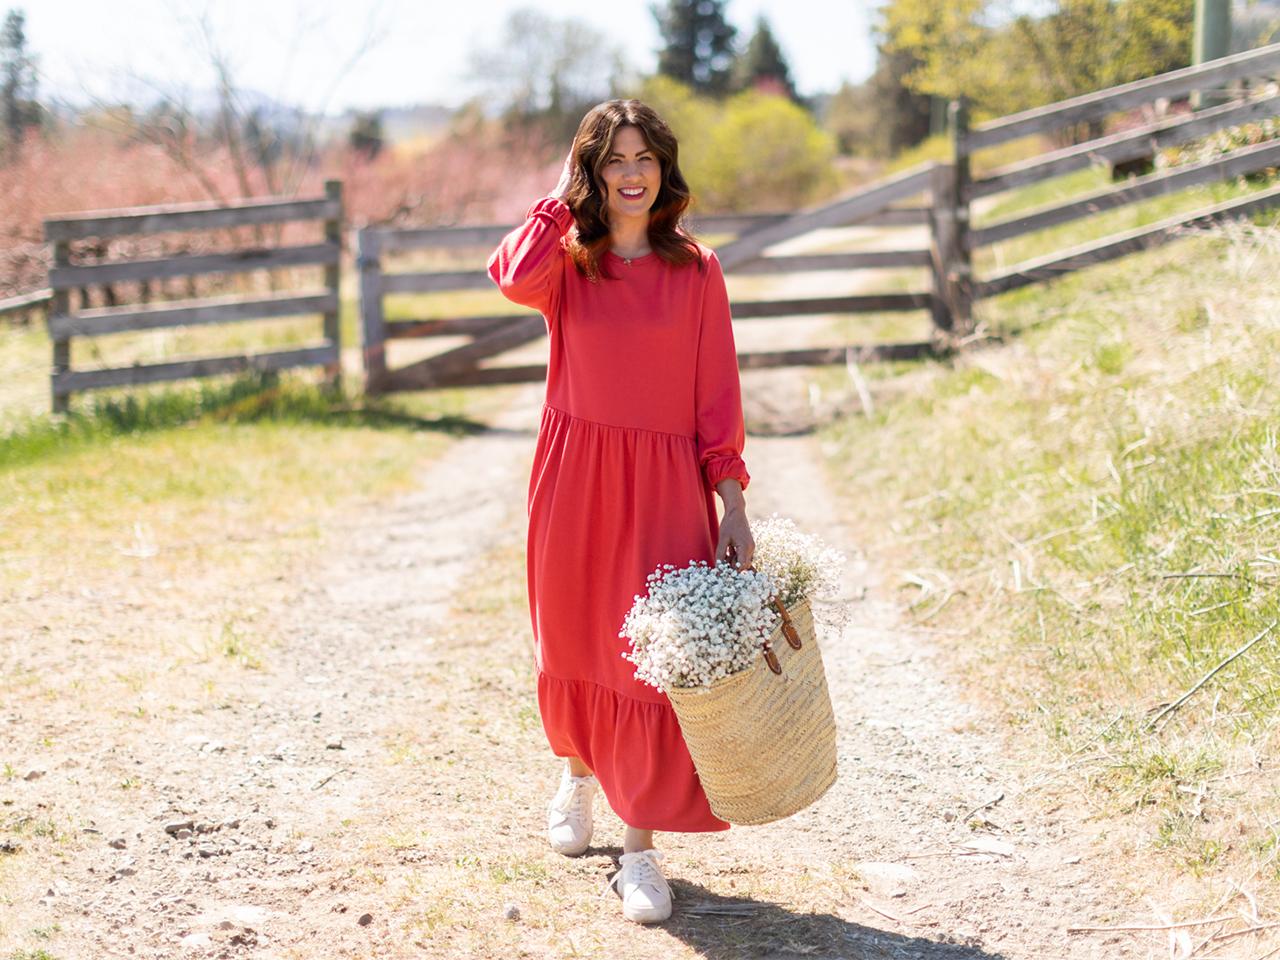 Jillian Harris wearing a red dress in a field to illustrate an article about Joe Fresh x Jillian Harris collection 2021.